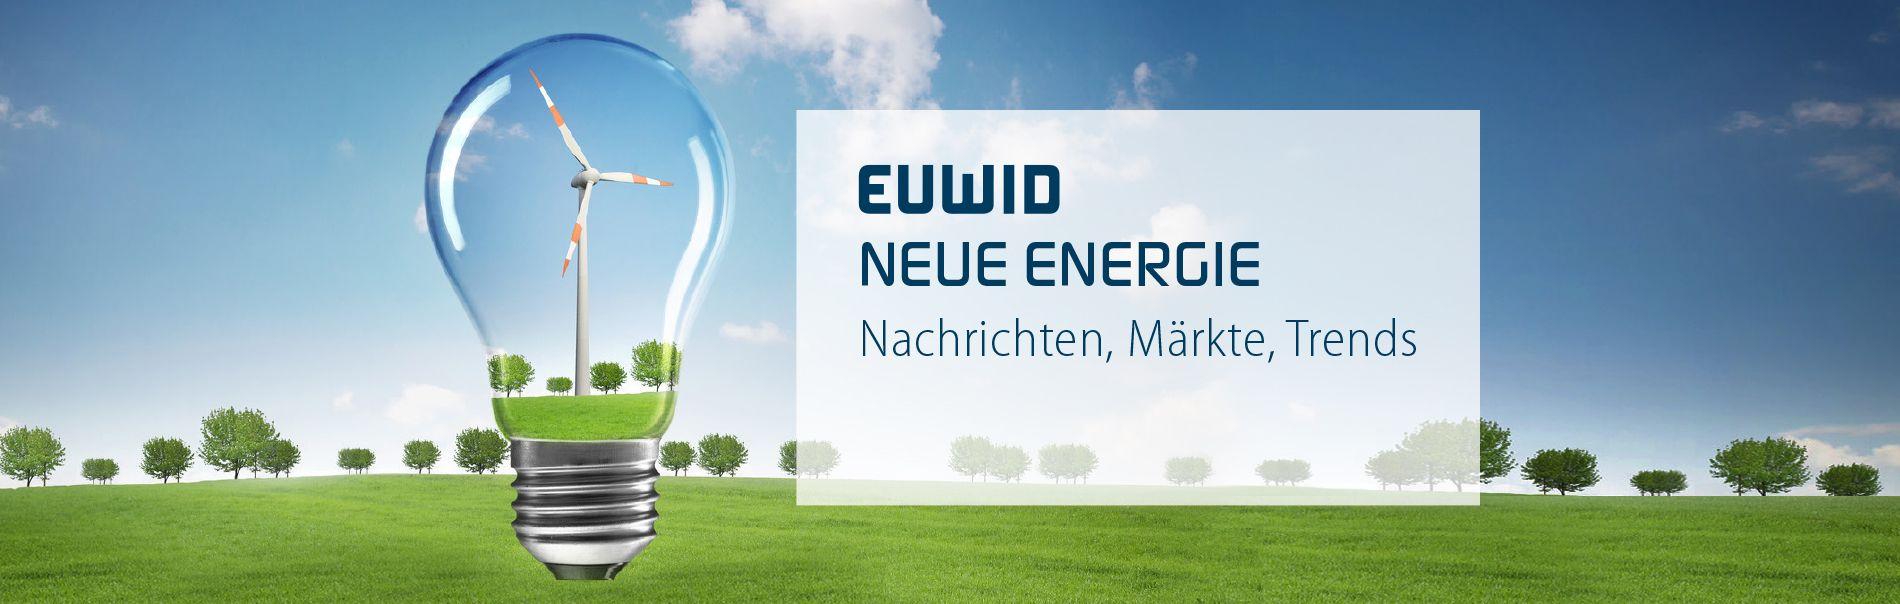 EUWID Neue Energie, Energiewende & Energiepolitik